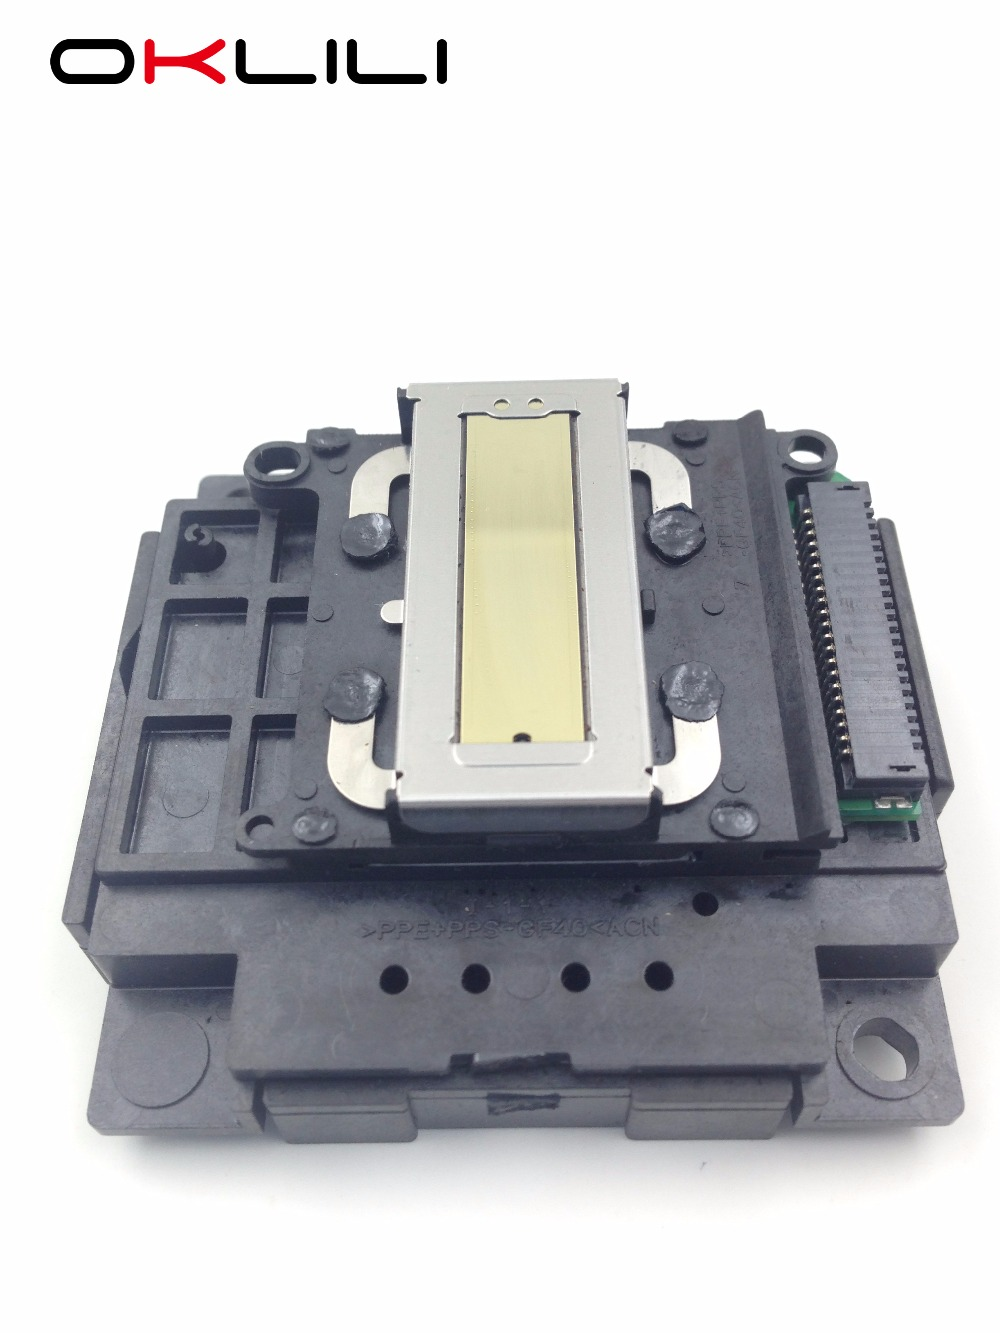 FA04000 FA04010 prindipea printeri prindipea Epson WF-2010 jaoks WF-2510 WF-2520 WF-2530 WF-2540 ME401 ME303 WF2010 WF2510